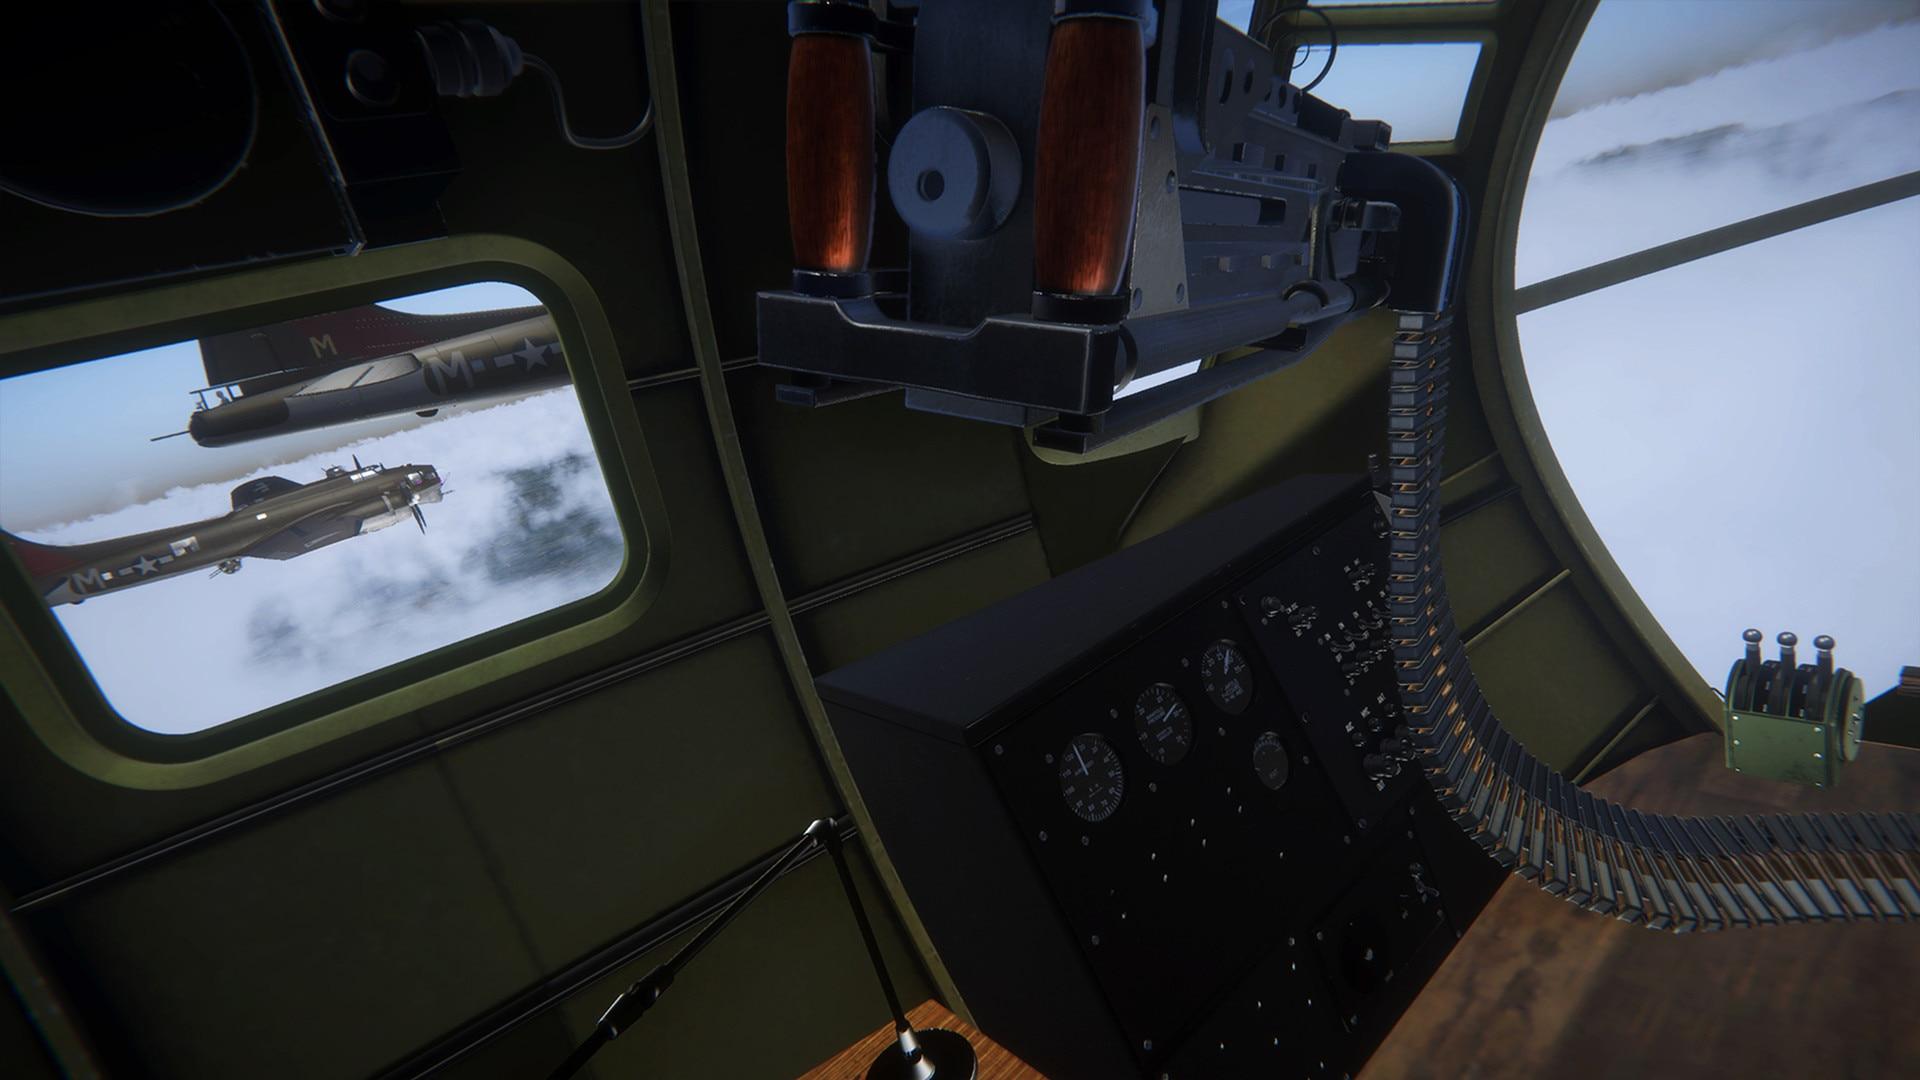 轰炸机模拟游戏《B-17中队》确认登陆steam平台